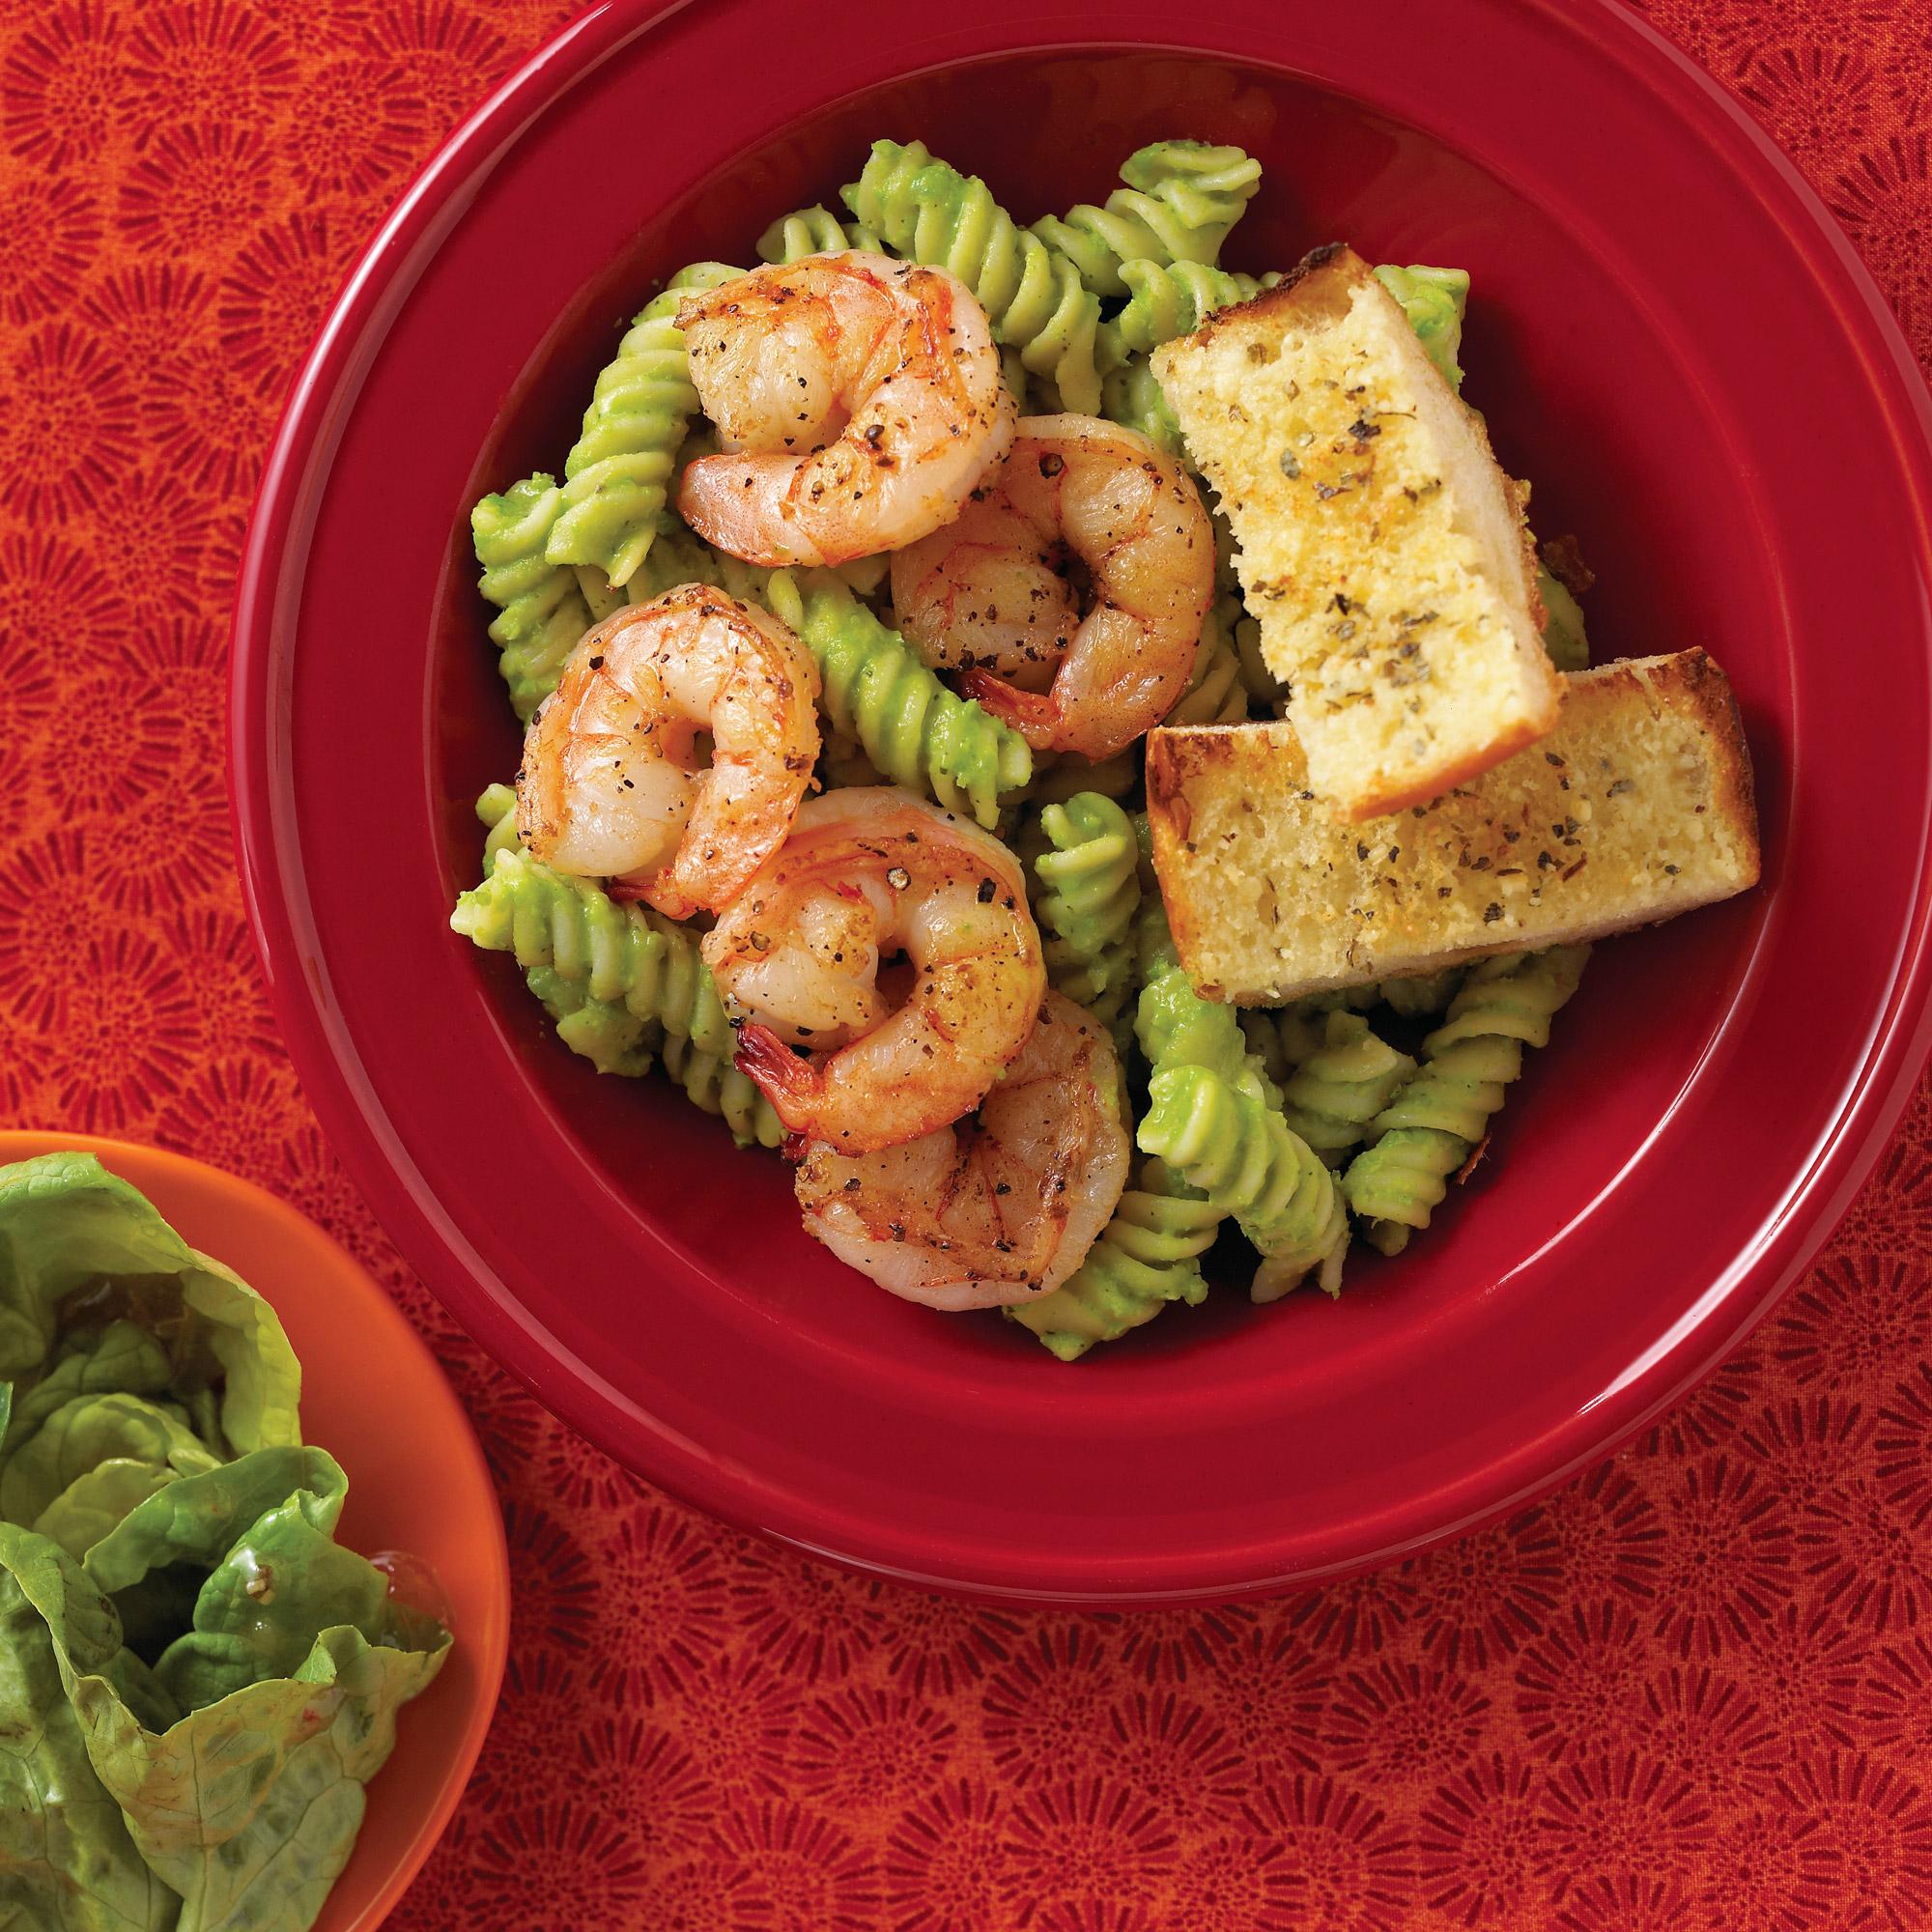 Shrimp Fusilli with Sweet-Pea Pesto